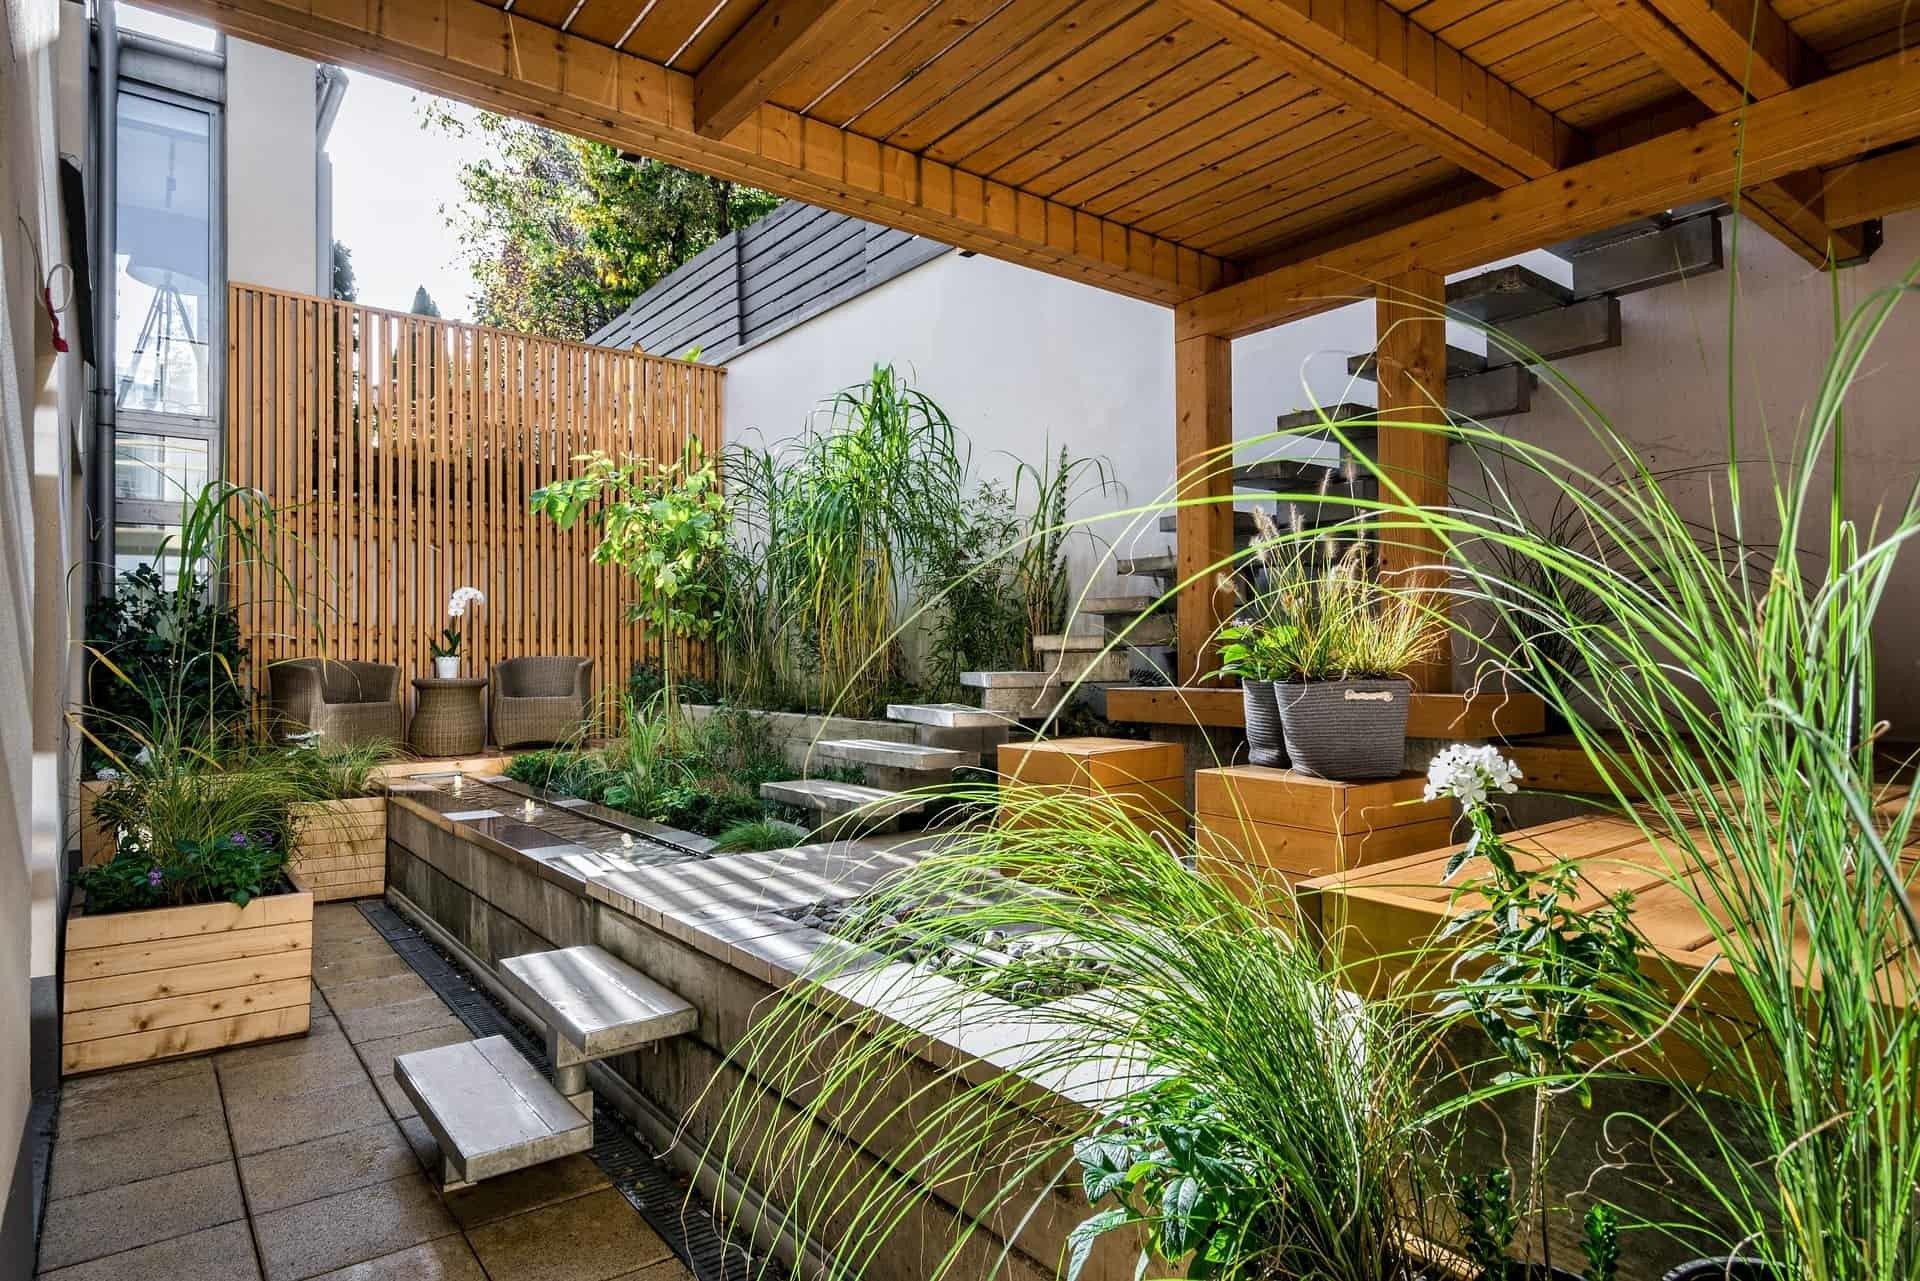 Arredare Un Giardino Idee 10 idee per arredare un terrazzo - design miss